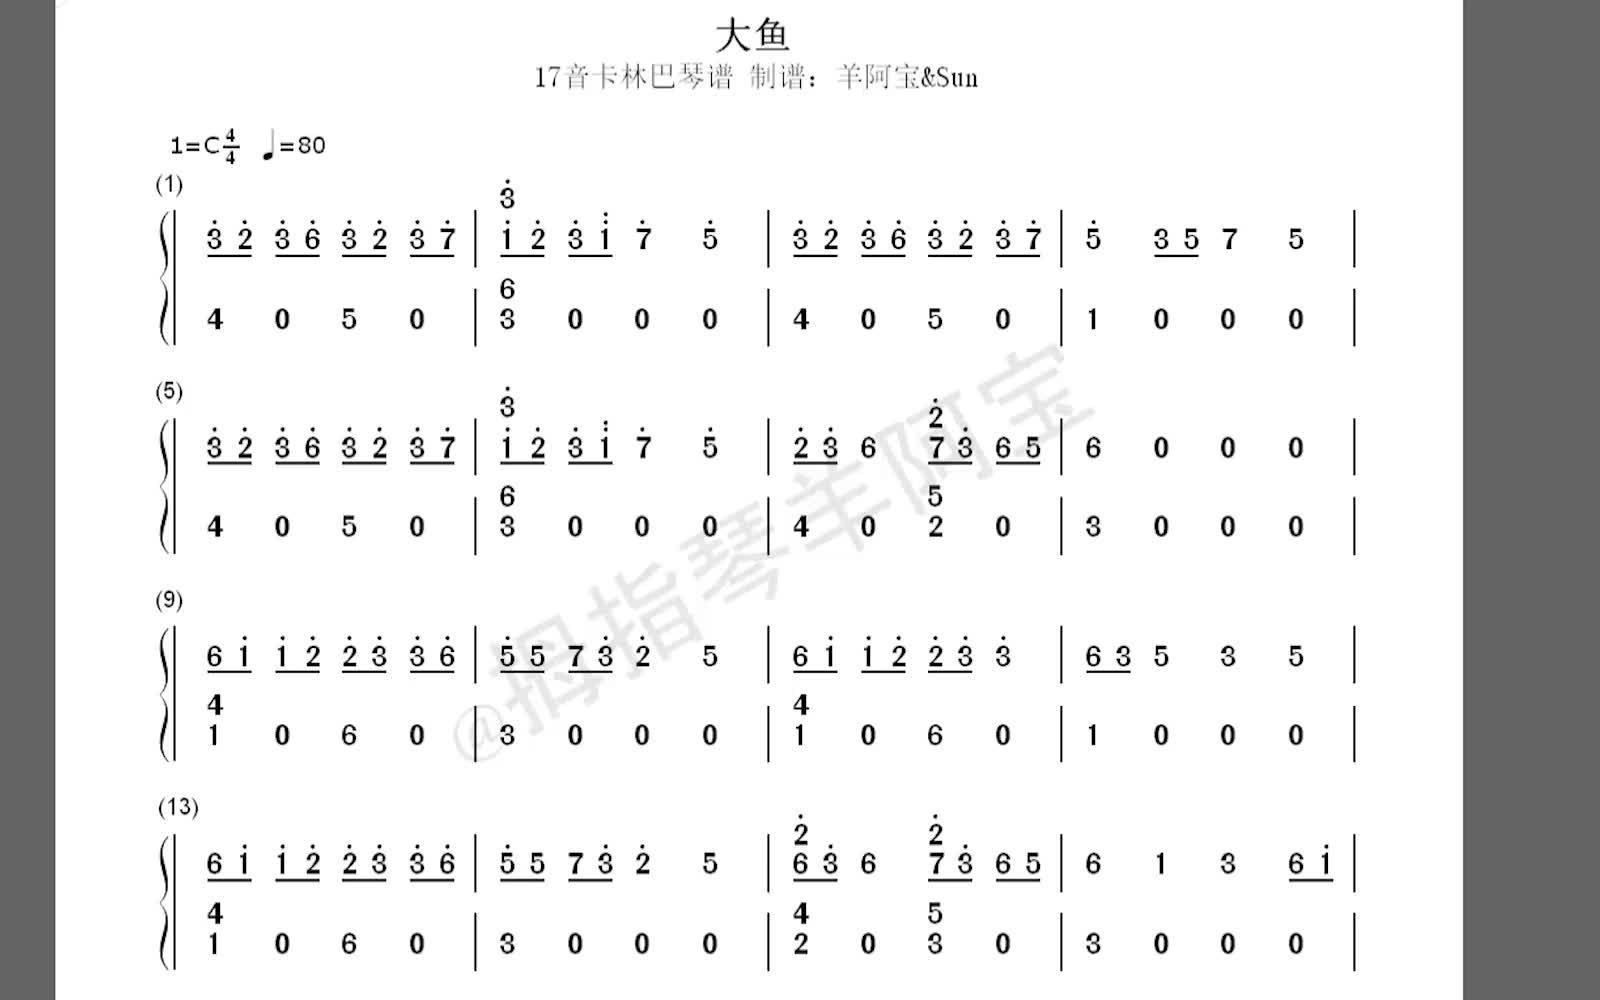 【拇指琴羊阿宝】大鱼(简谱)图片